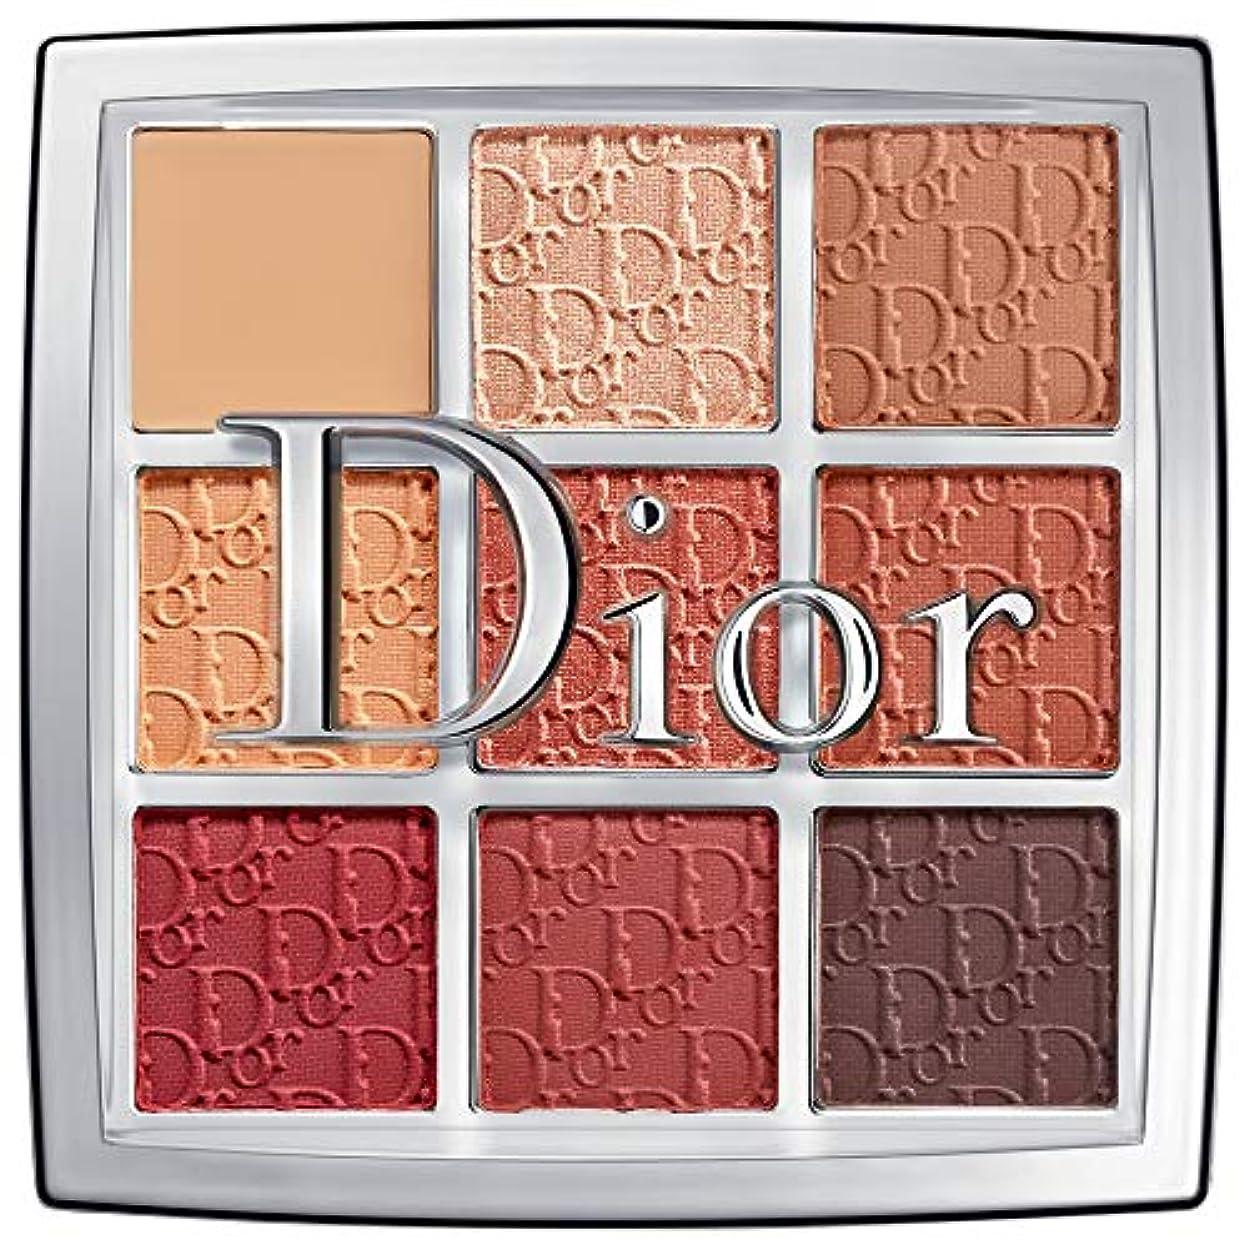 ばか装備するキリスト教【 国内正規品 】Dior ディオール バックステージ アイ パレット #003 アンバー 10g (アシャドウ)